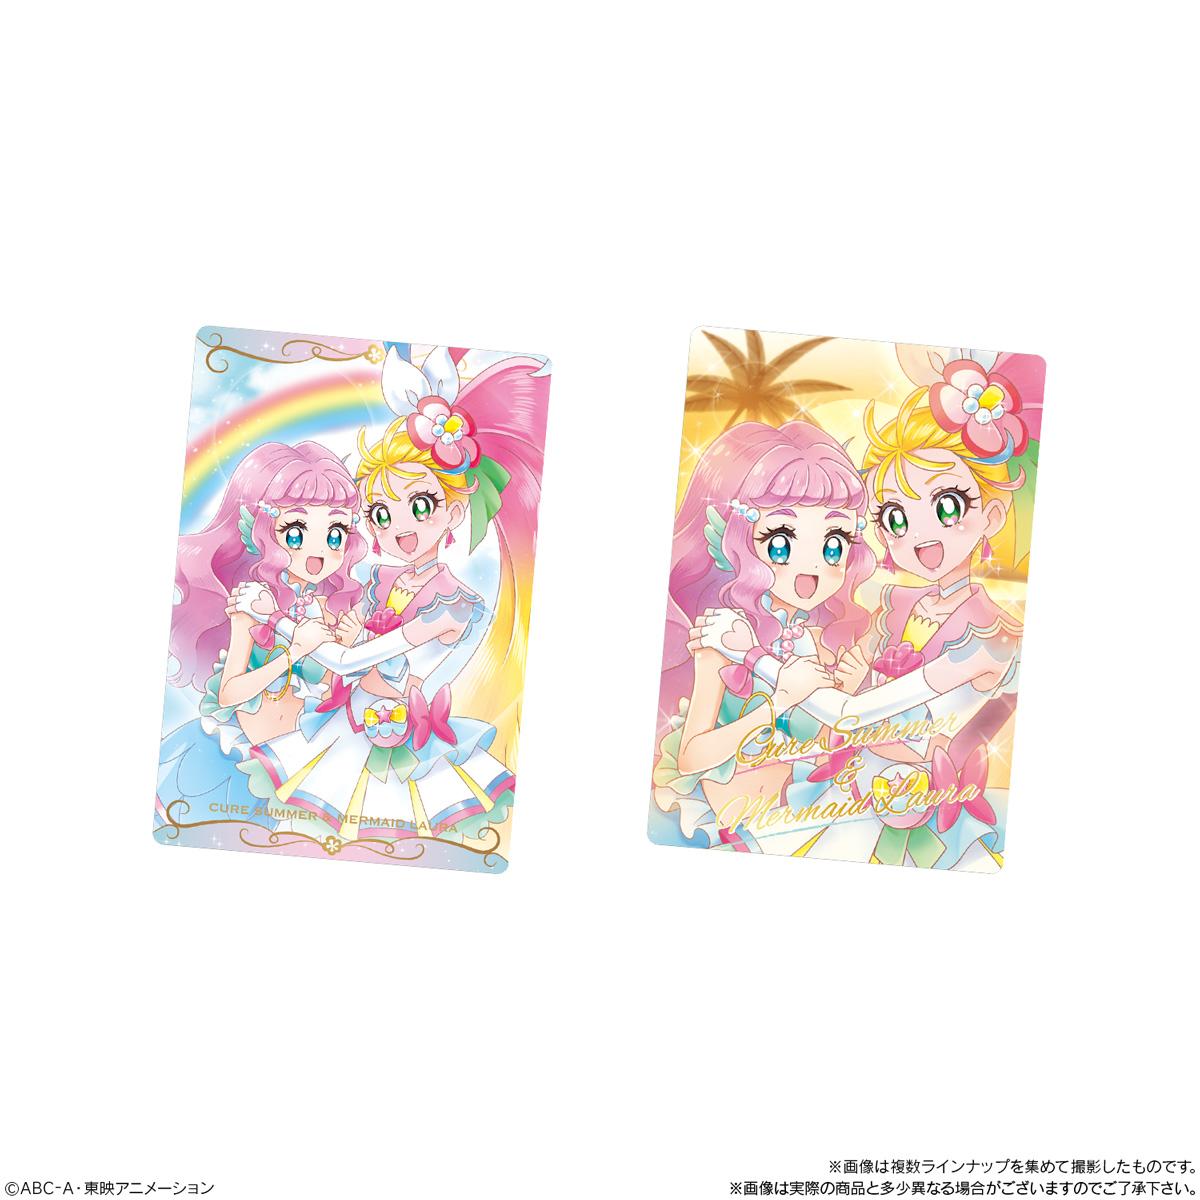 【食玩】プリキュア『プリキュア カードウエハース2』20個入りBOX-003